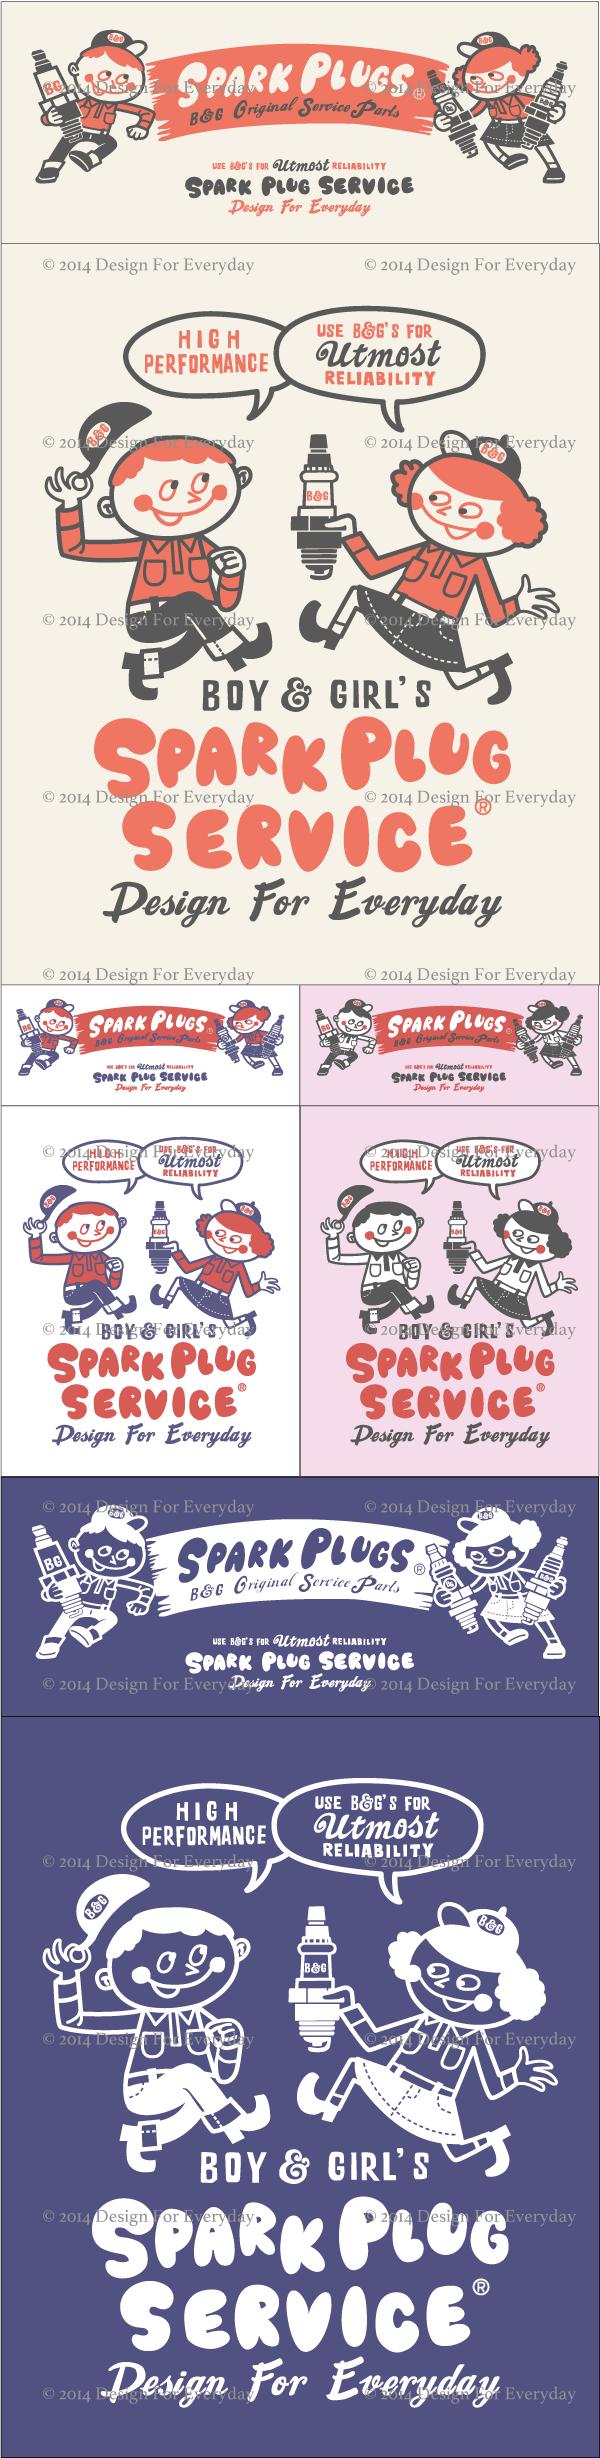 スパークプラグとBoy & Girl★アメリカンレトロ グラフィック.png